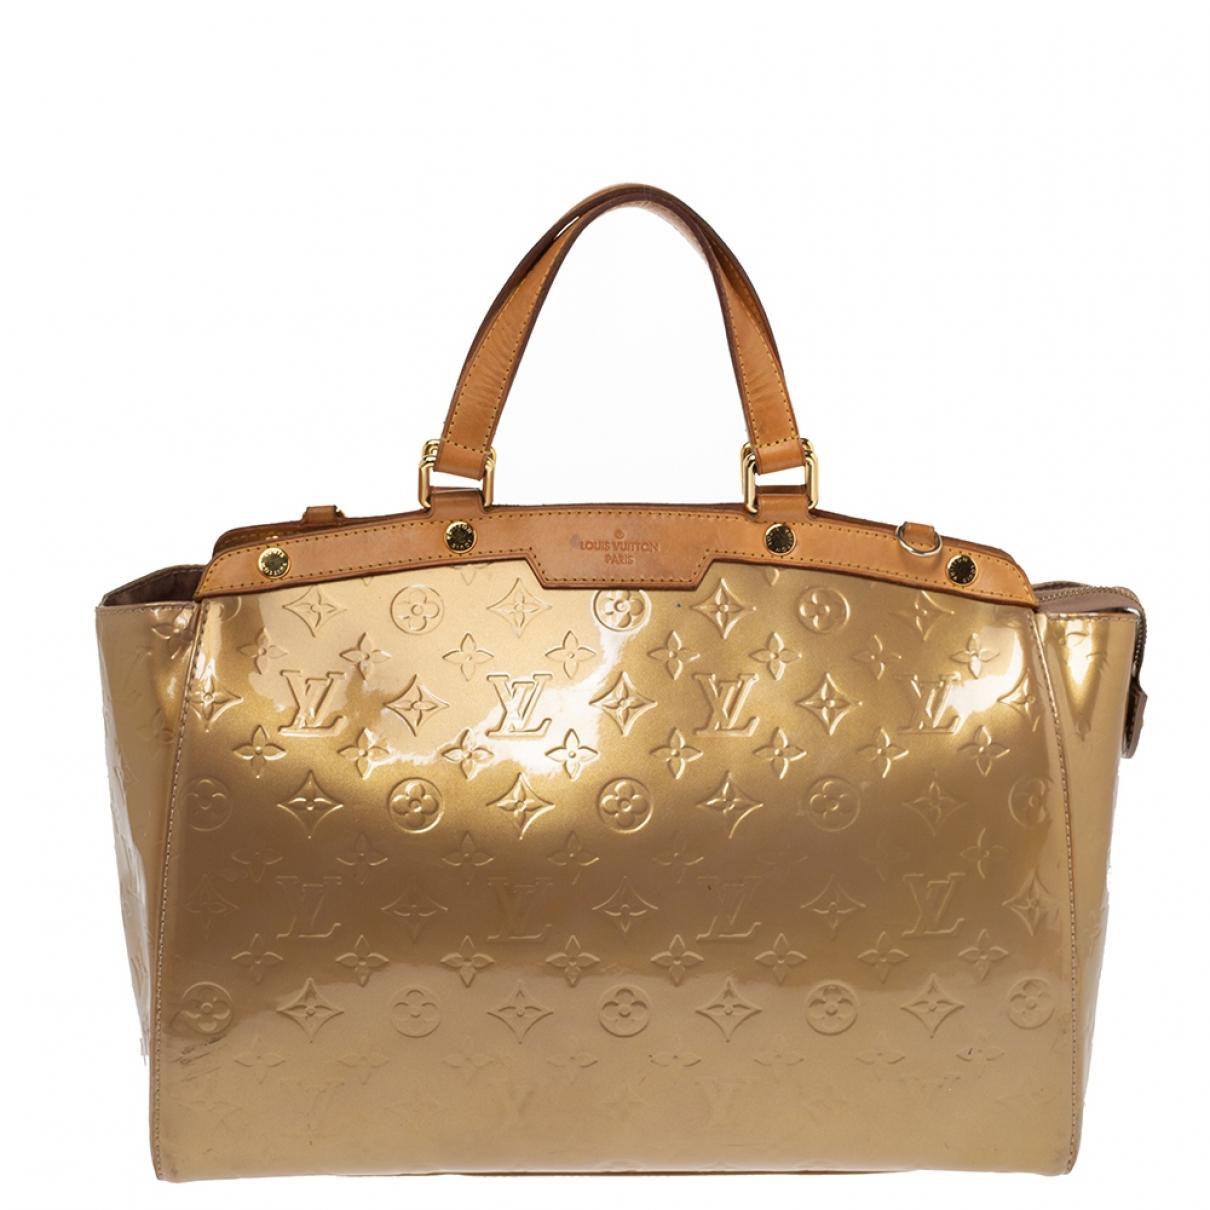 Louis Vuitton Bréa Gold Patent leather handbag for Women N